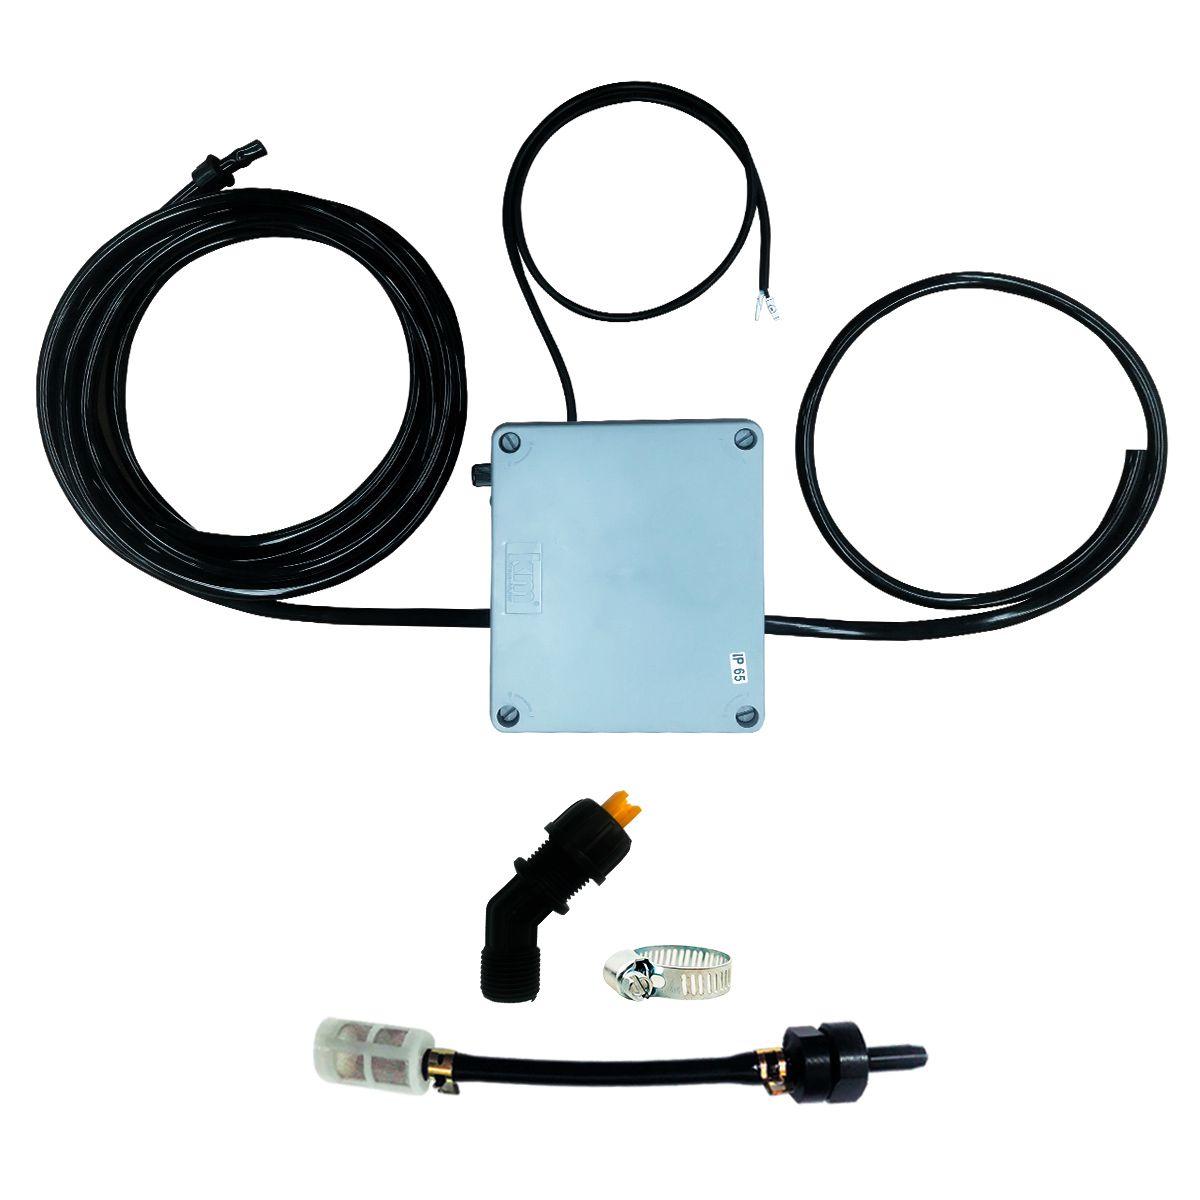 Kit Para Aplicação de Inoculante Sem Reservatório